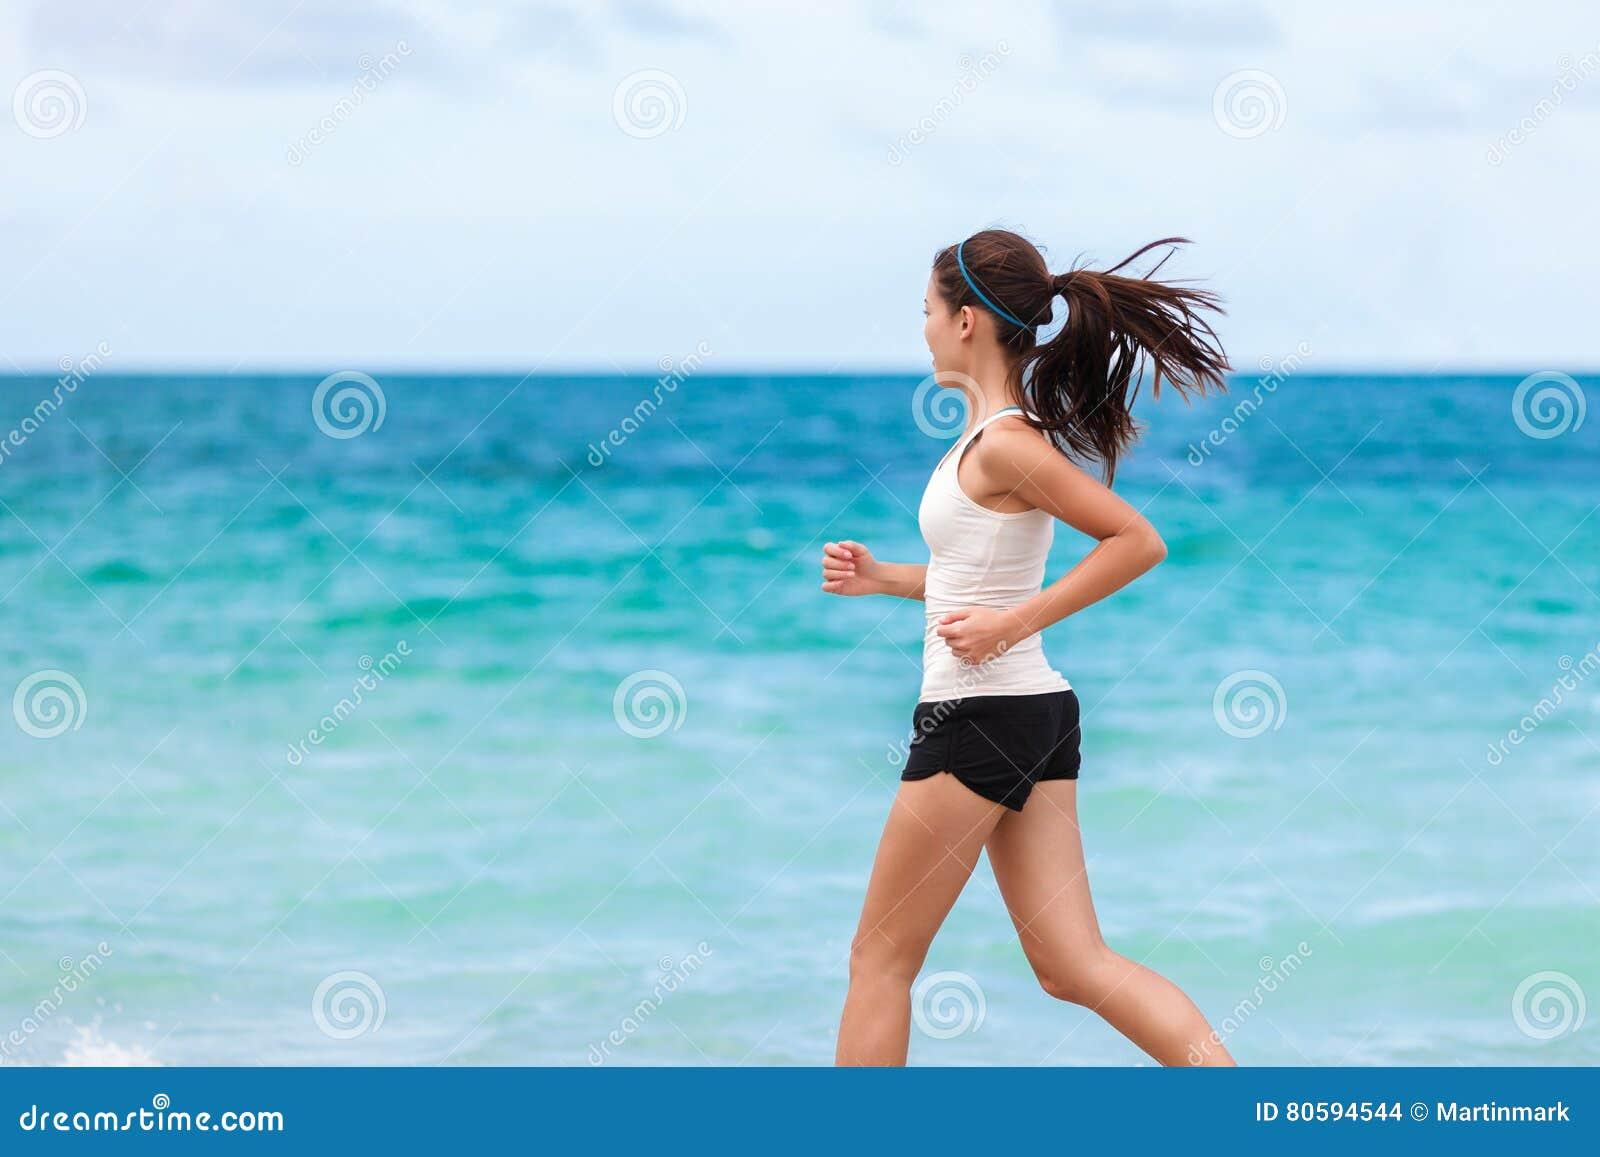 Αθλητής ικανότητας που εκπαιδεύει το καρδιο τρέξιμο στην παραλία